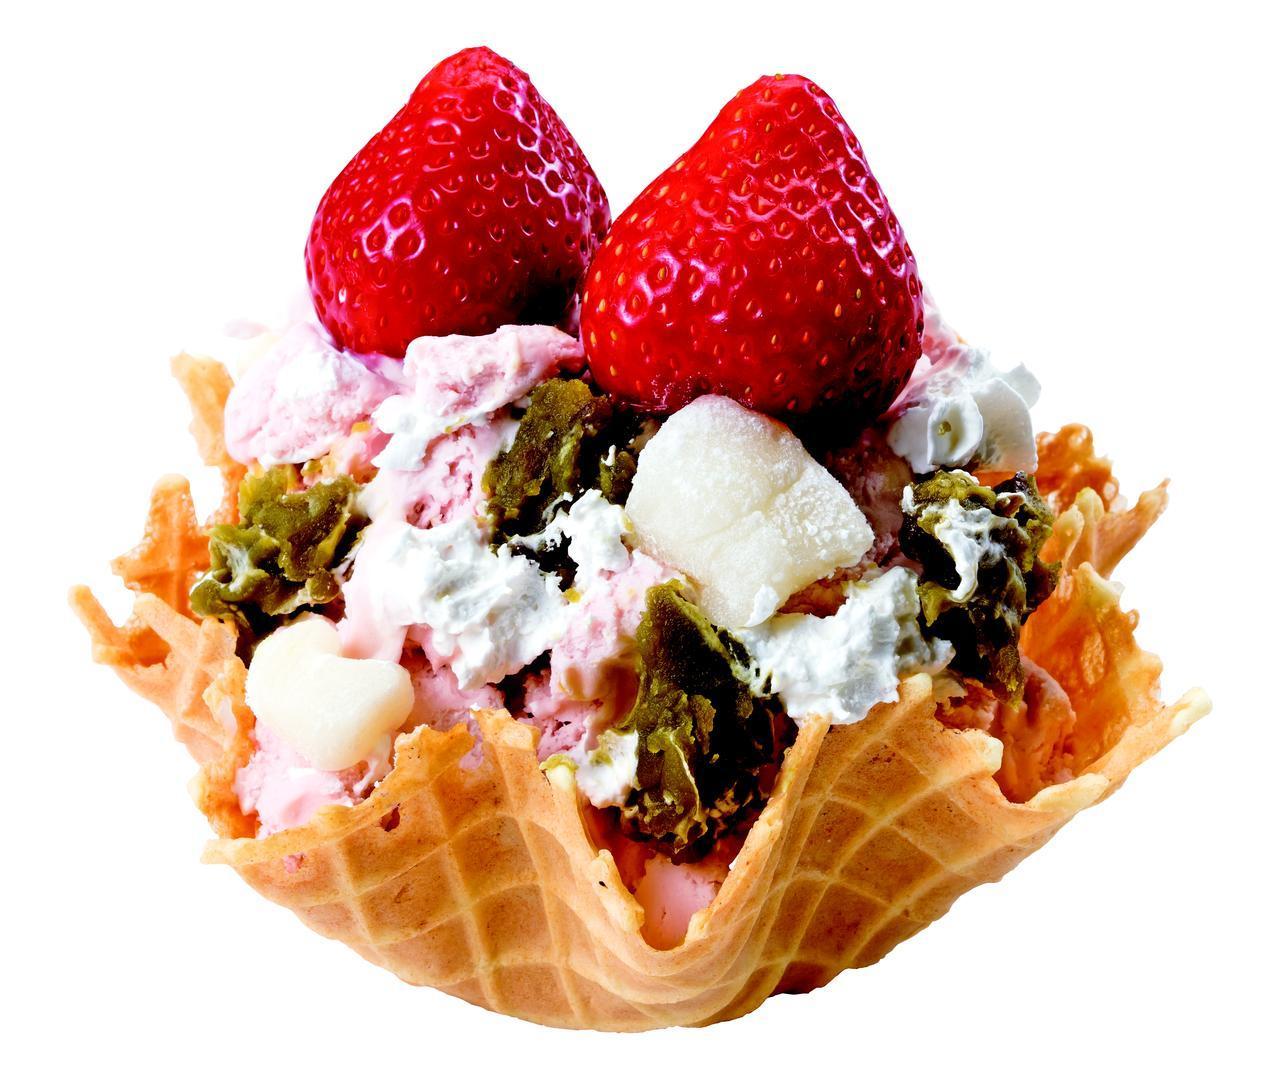 画像5: 大人気のアイスクリームが今年も登場!春のごちそう♪「あまおう」シリーズ新発売